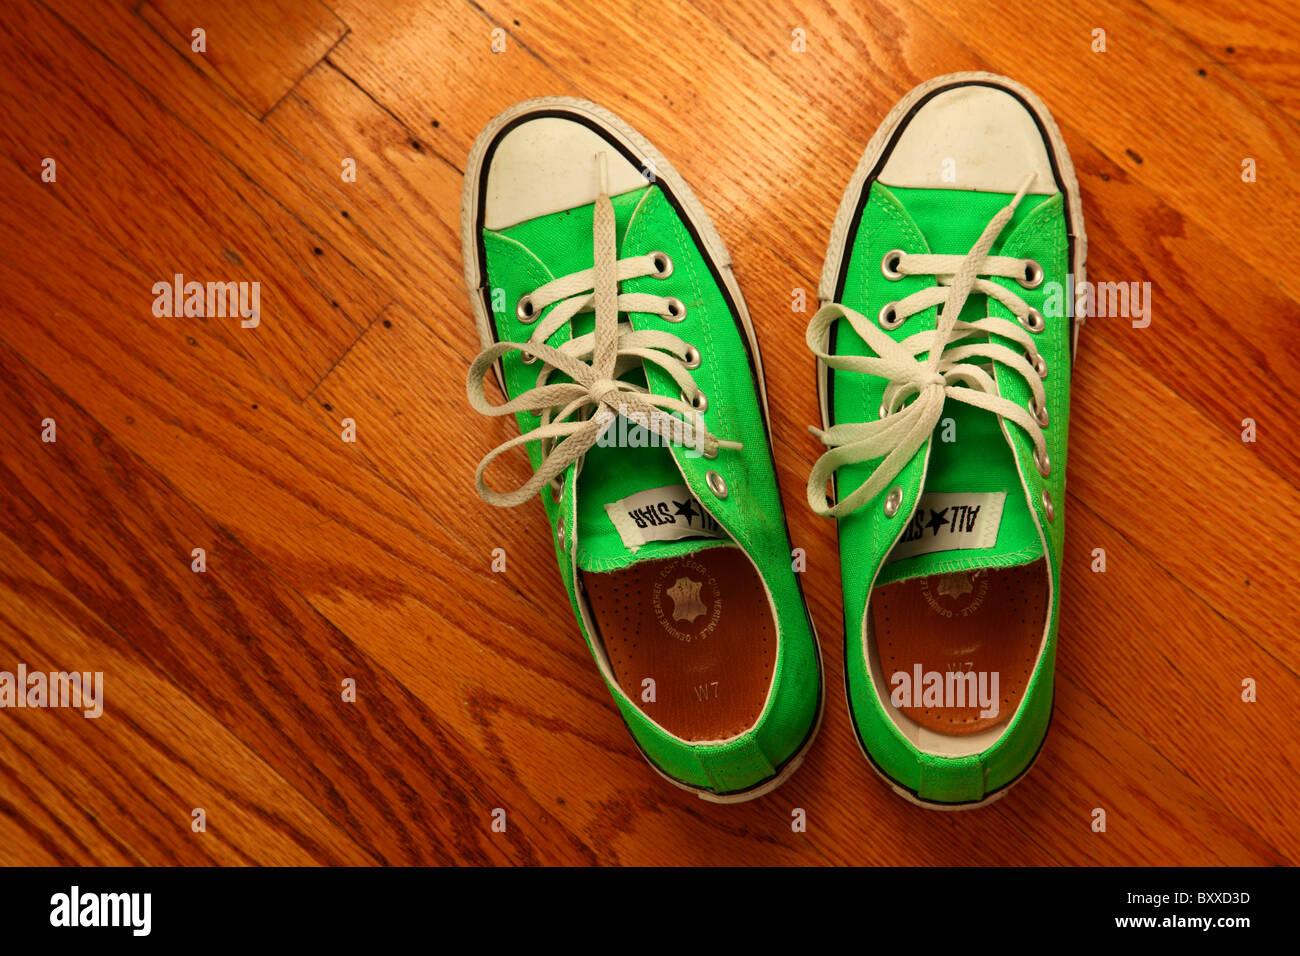 Converse Scarpe Immagini e Fotos Stock Alamy